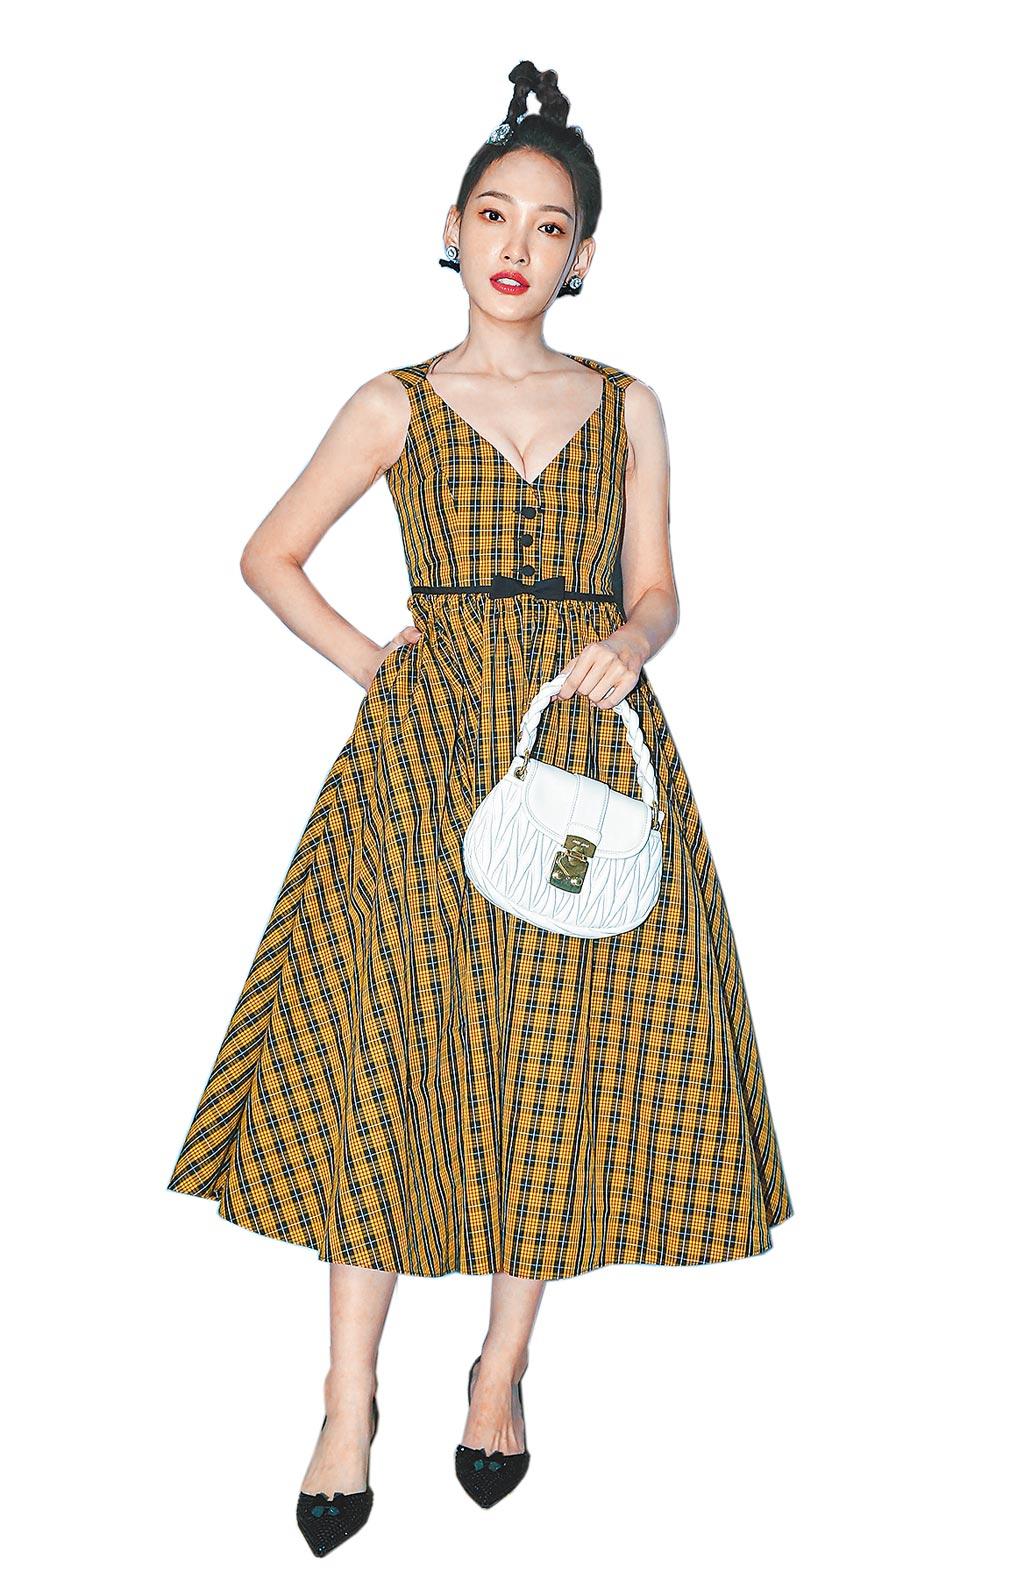 林映唯身穿Miu Miu 2021早春系列格紋洋裝11萬元、白色手提肩背包5萬3000元、珠飾髮箍4萬6500元、水晶綴飾高跟鞋3萬6500元。(粘耿豪攝)